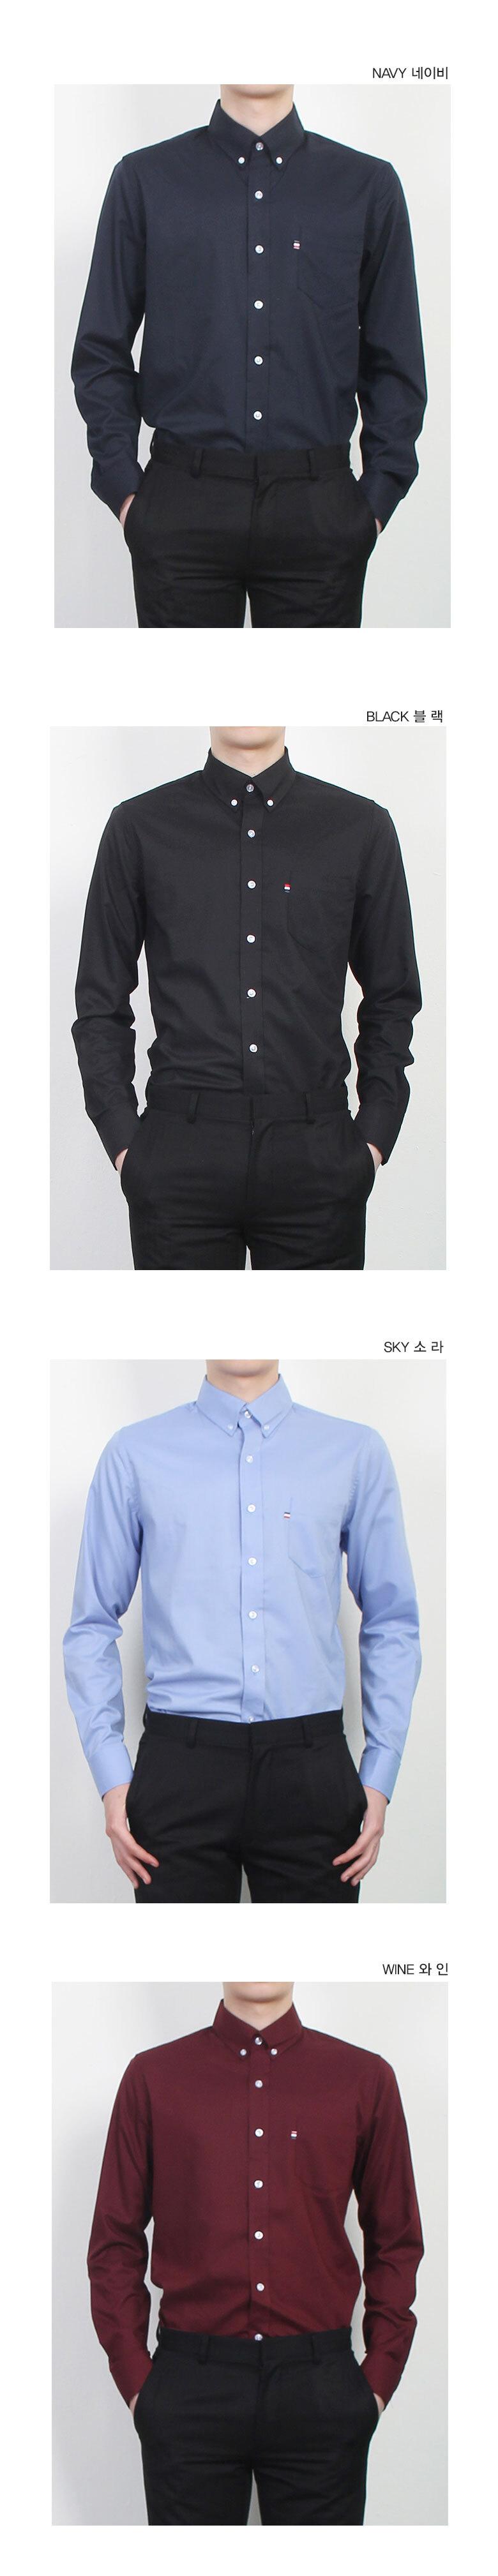 남방 셔츠 MSTR트윌스판 - 더마인드, 34,800원, 상의, 셔츠